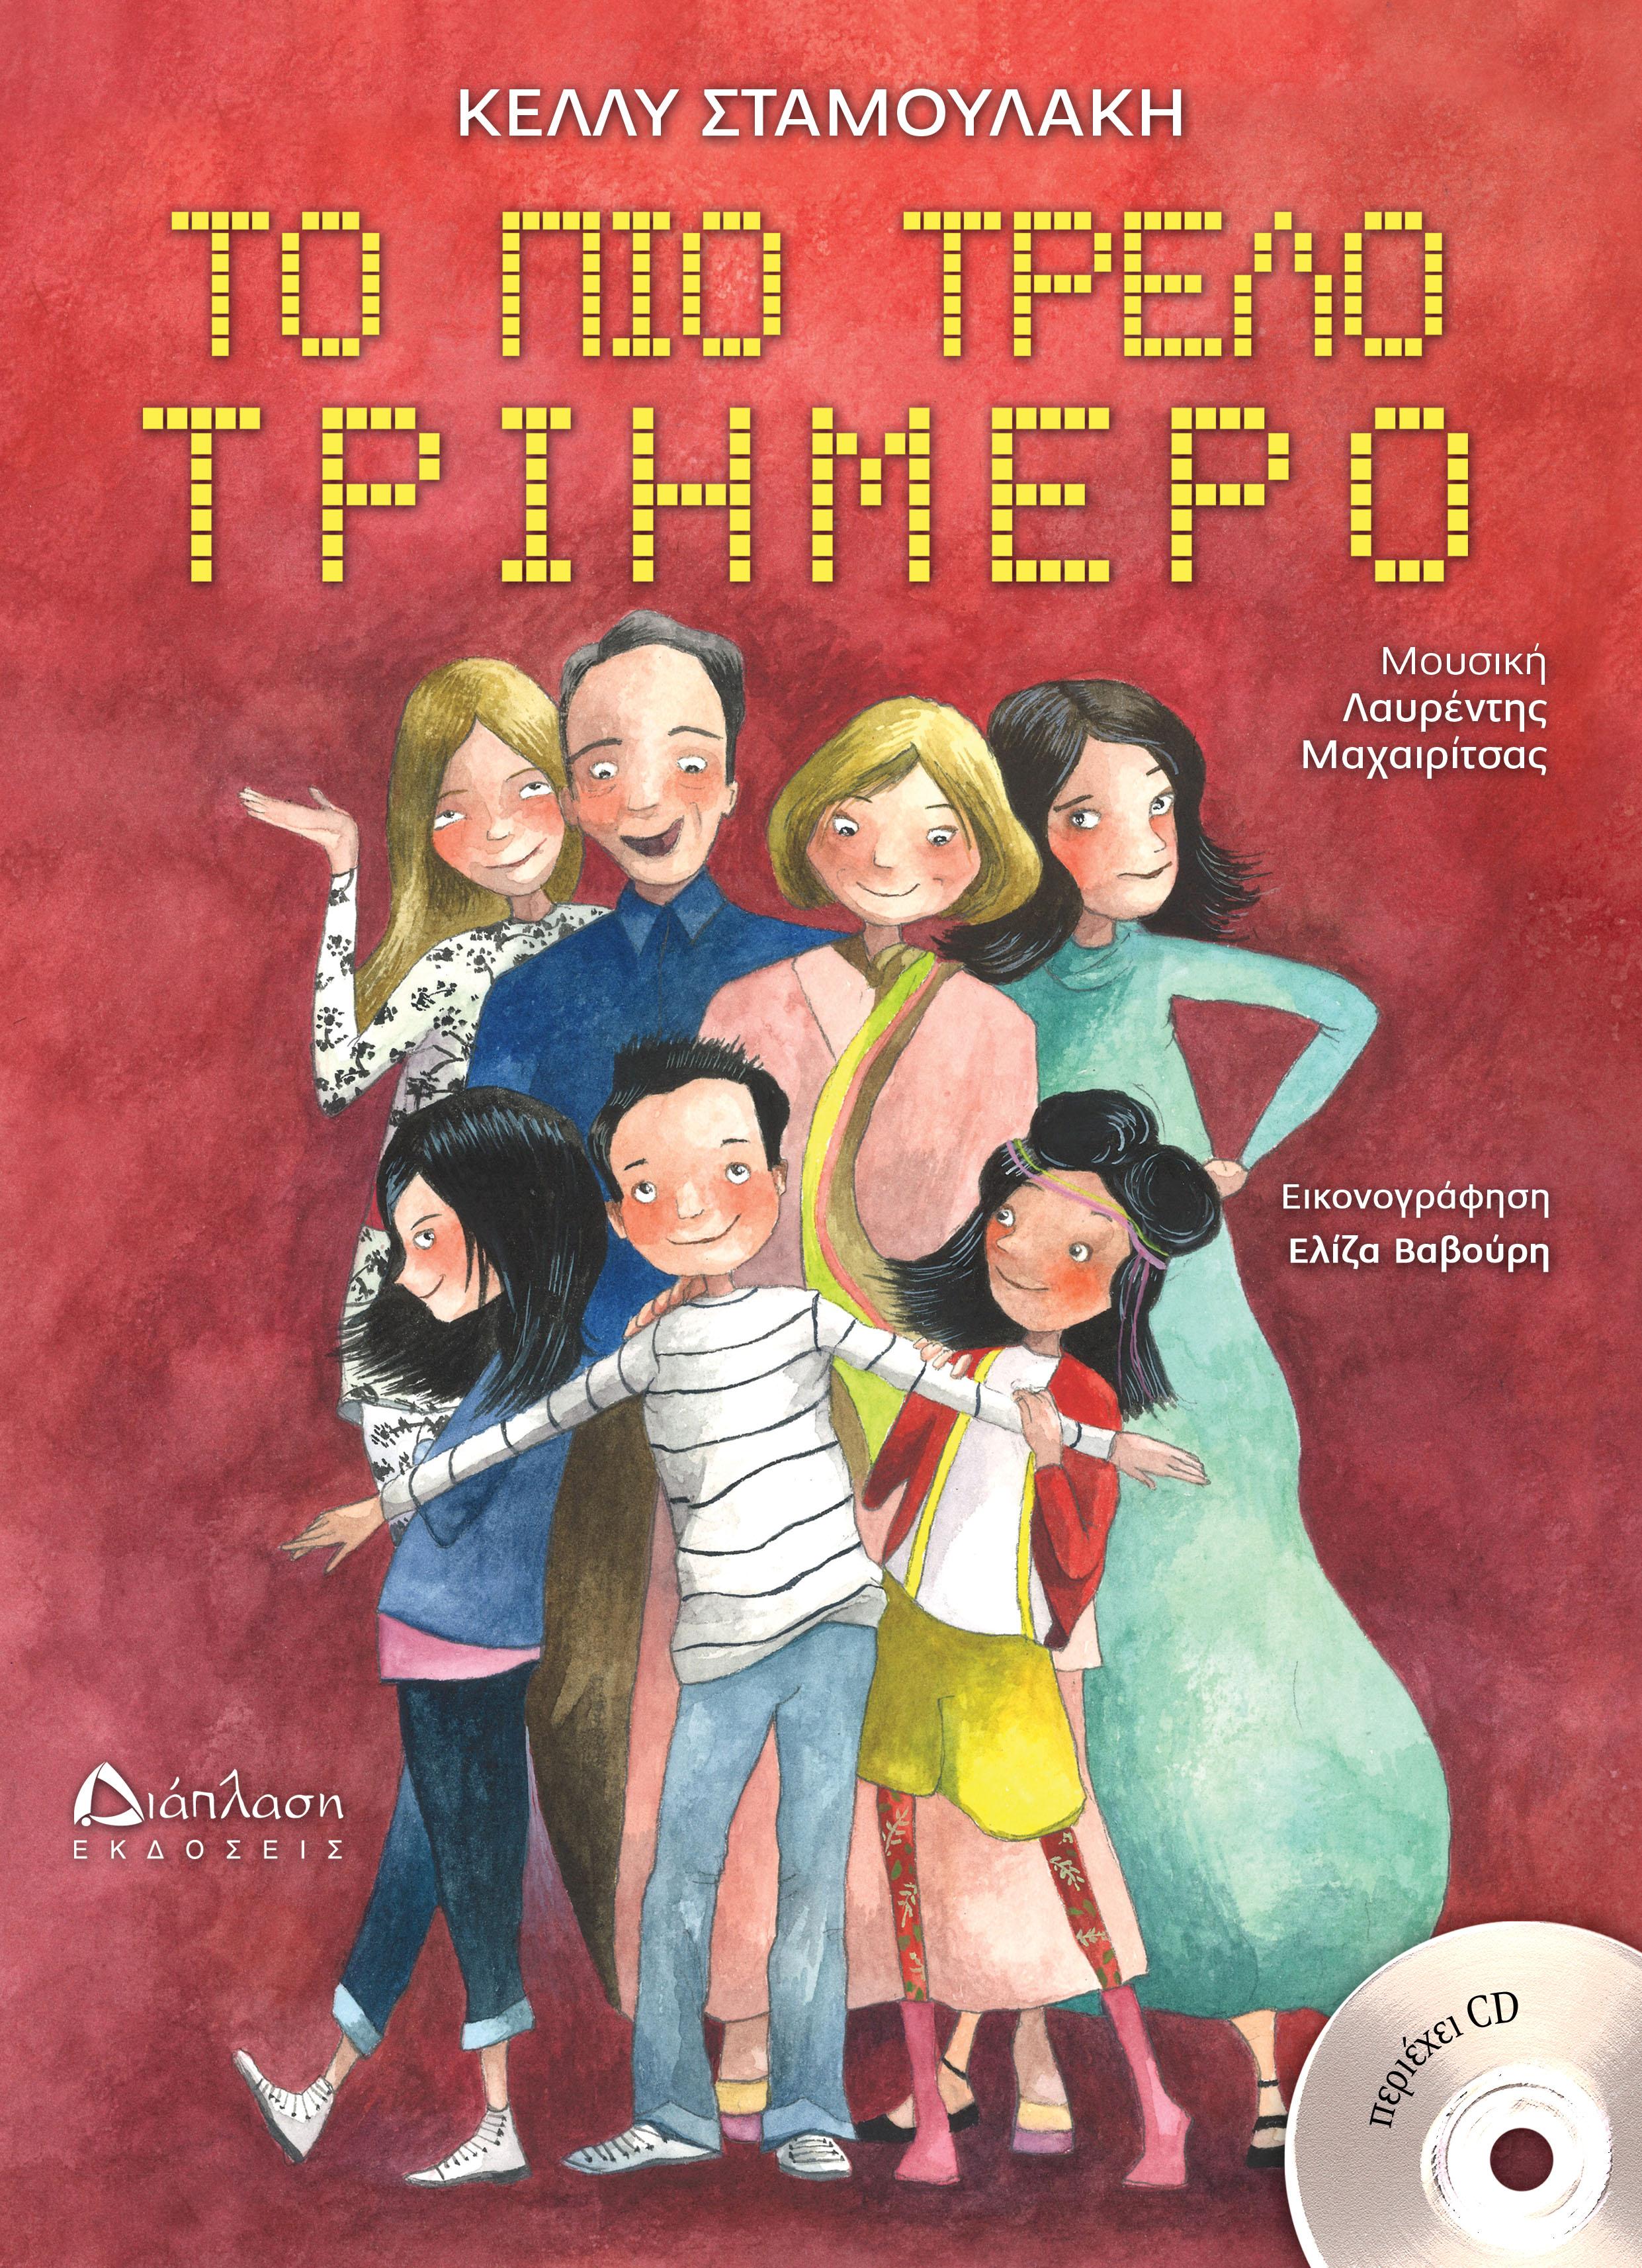 EXWFYLLO ''TO PIO TRELO TRIHMERO''